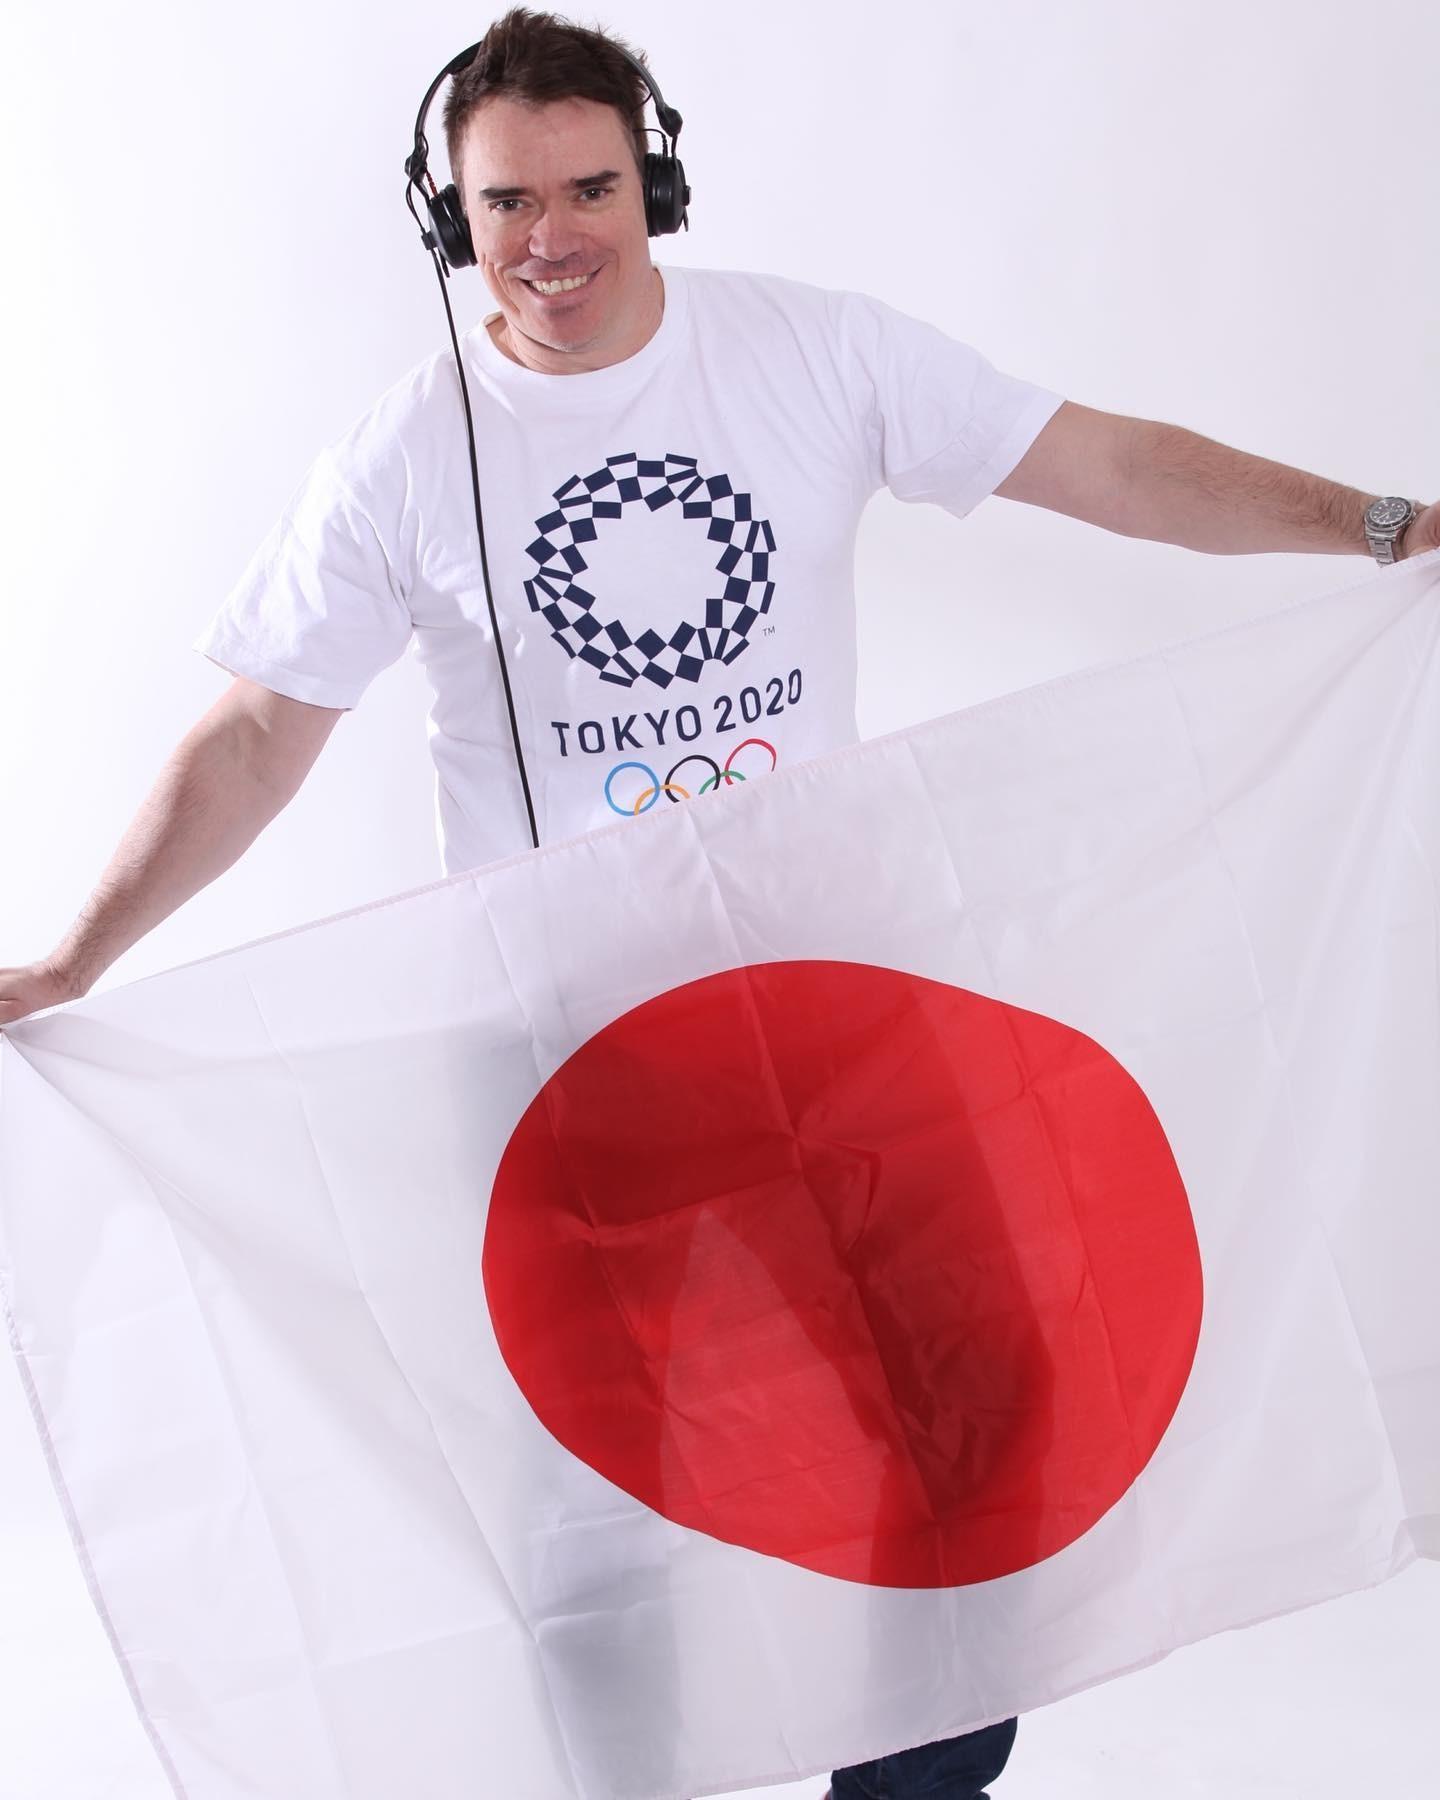 'Batom de cereja' em Tóquio: conheça o DJ que toca hits brasileiros em jogos de vôlei nas Olimpíadas